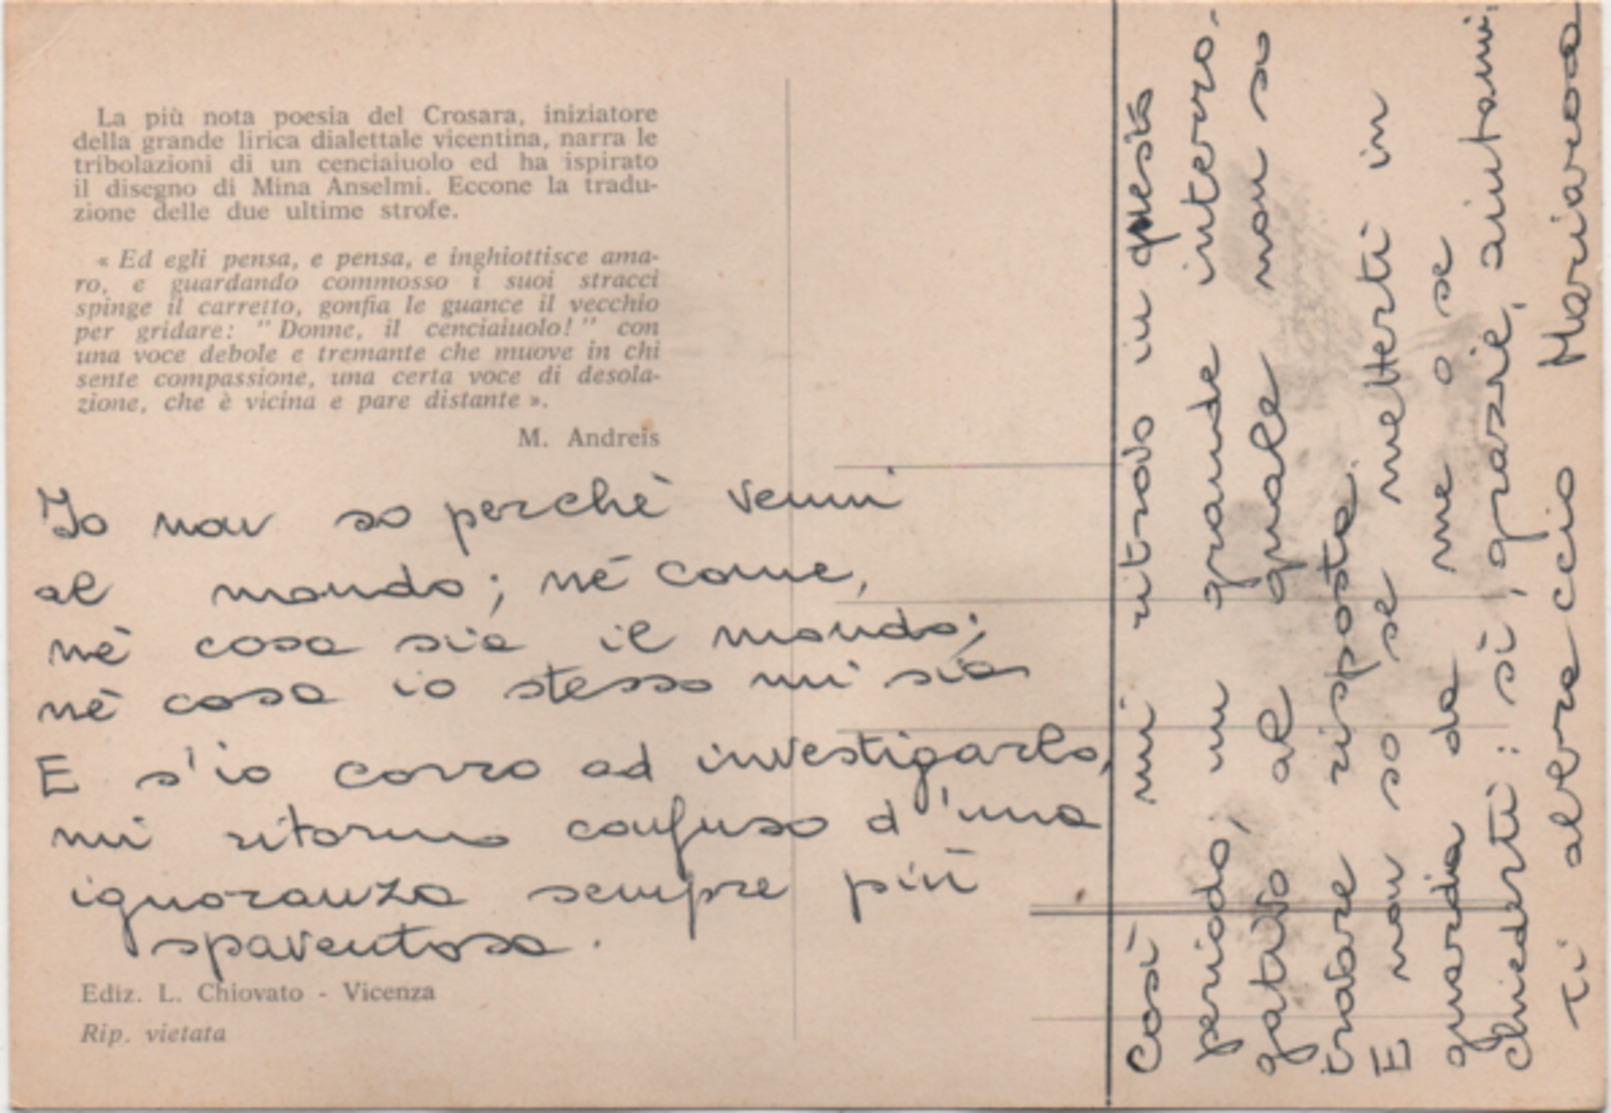 Cartolina Dedicata Al Cenciaiuolo (strassaro In Dialetto Veneto). Edizioni Chiovato, Vicenza. Non Viaggiata - Paesani